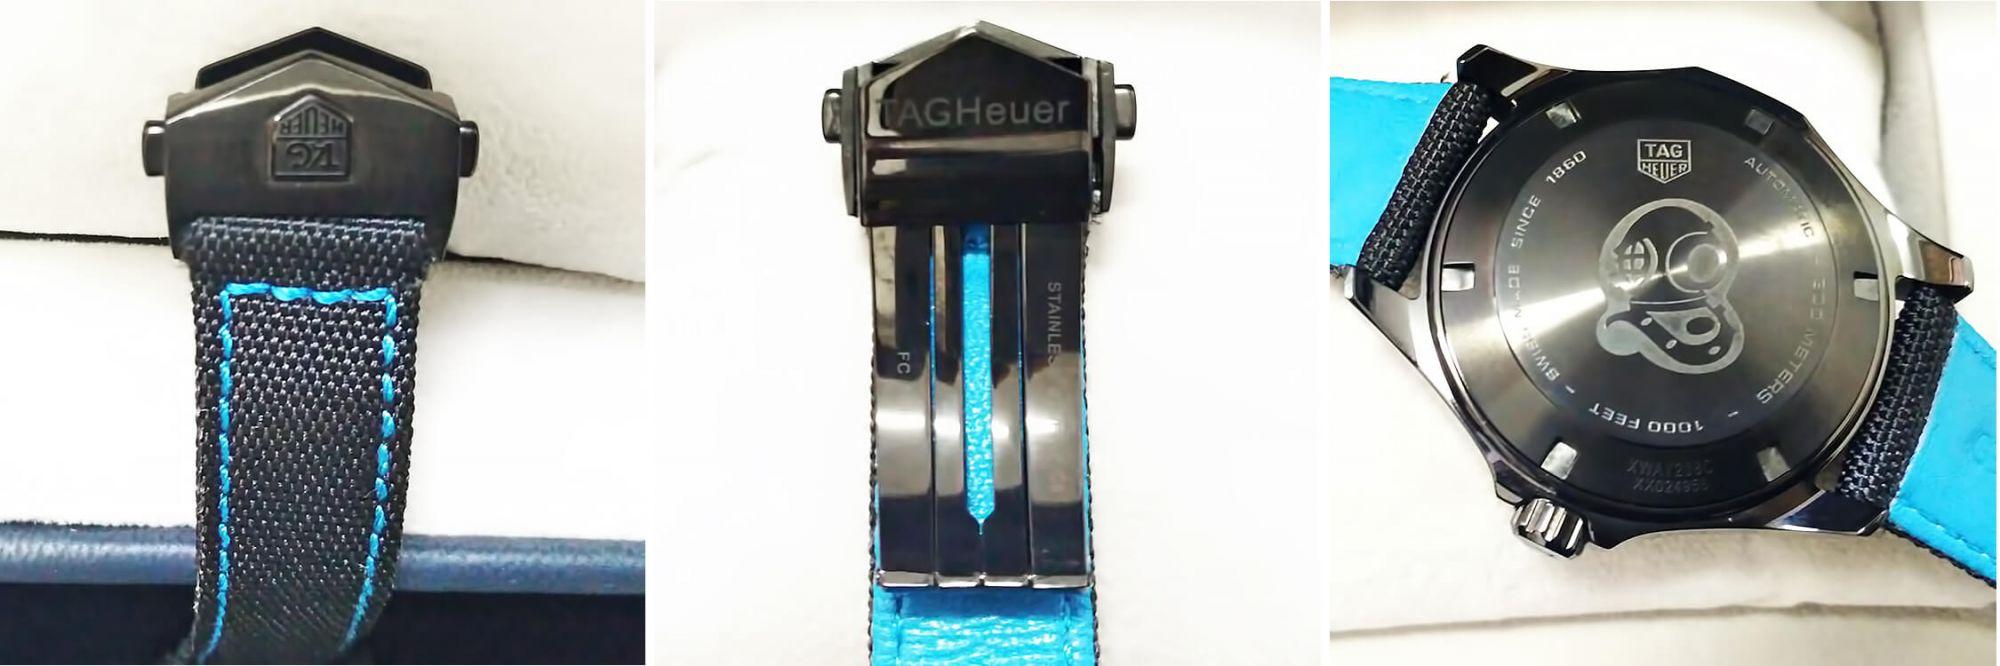 Оборотная сторона корпуса и ремешок в реплике TAG Heuer Aquaracer Carbon Edition